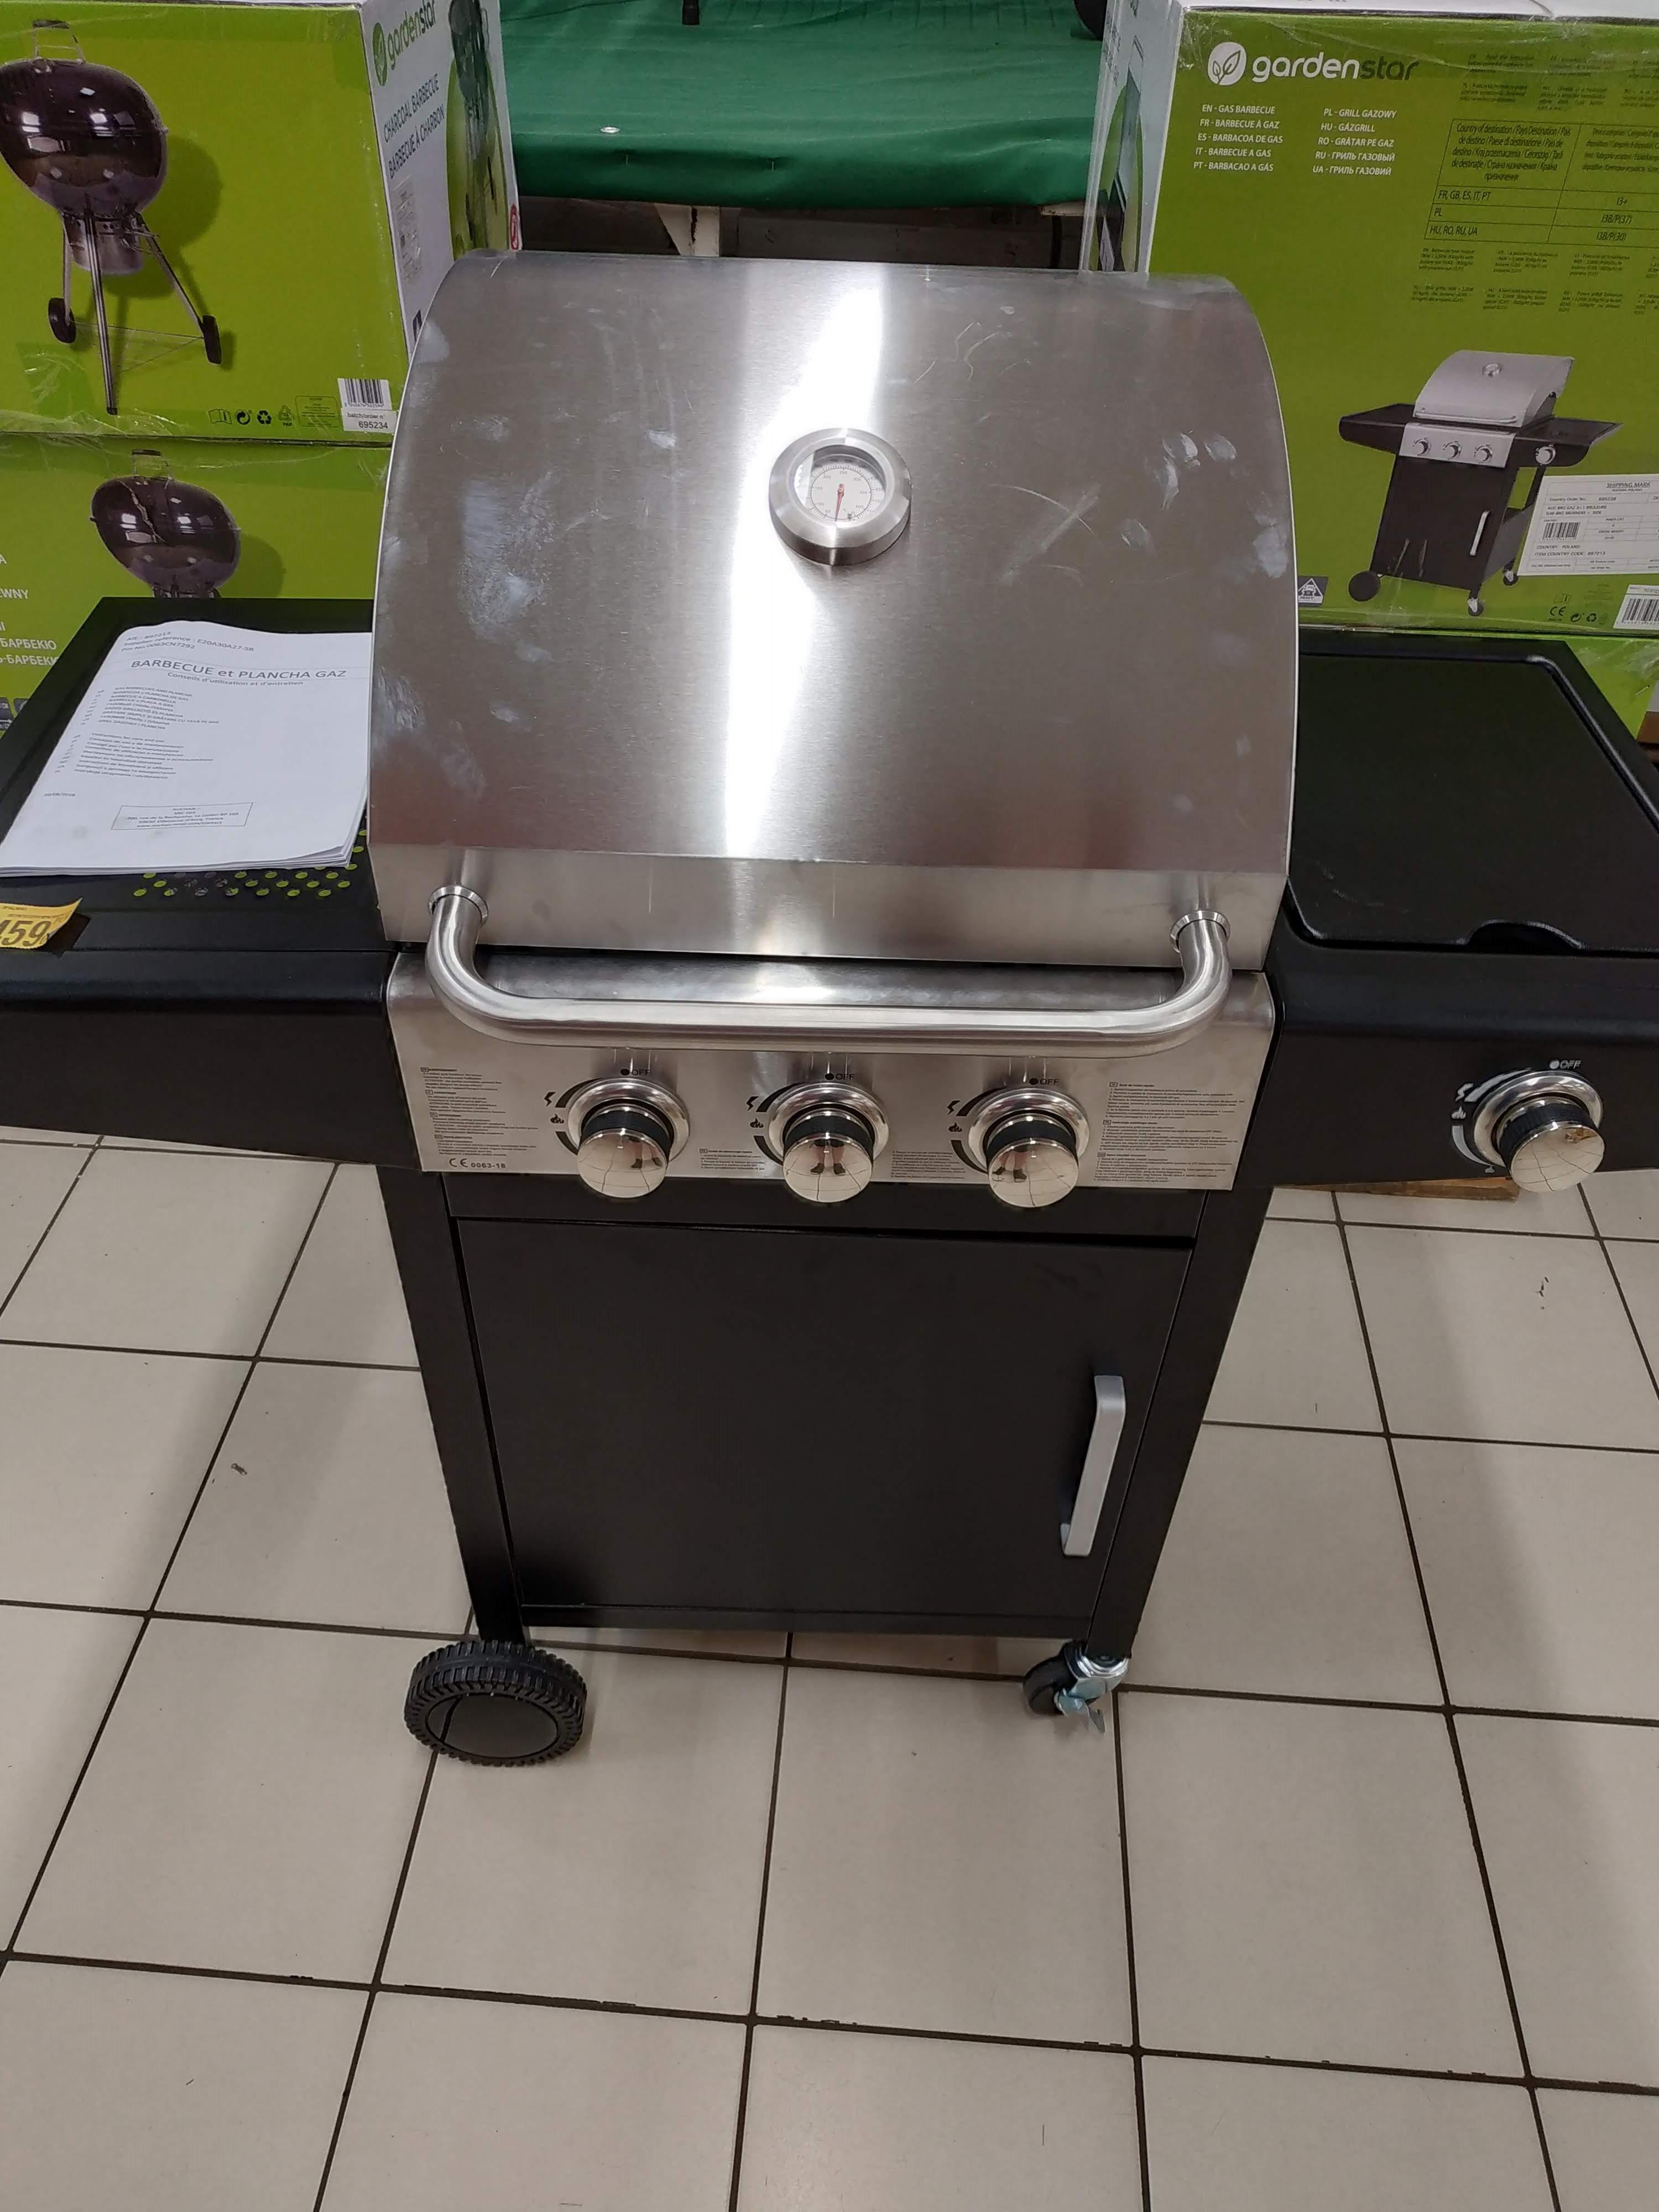 Grill gazowy GardenStar Indiana w Auchan Poczesna k. Częstochowy